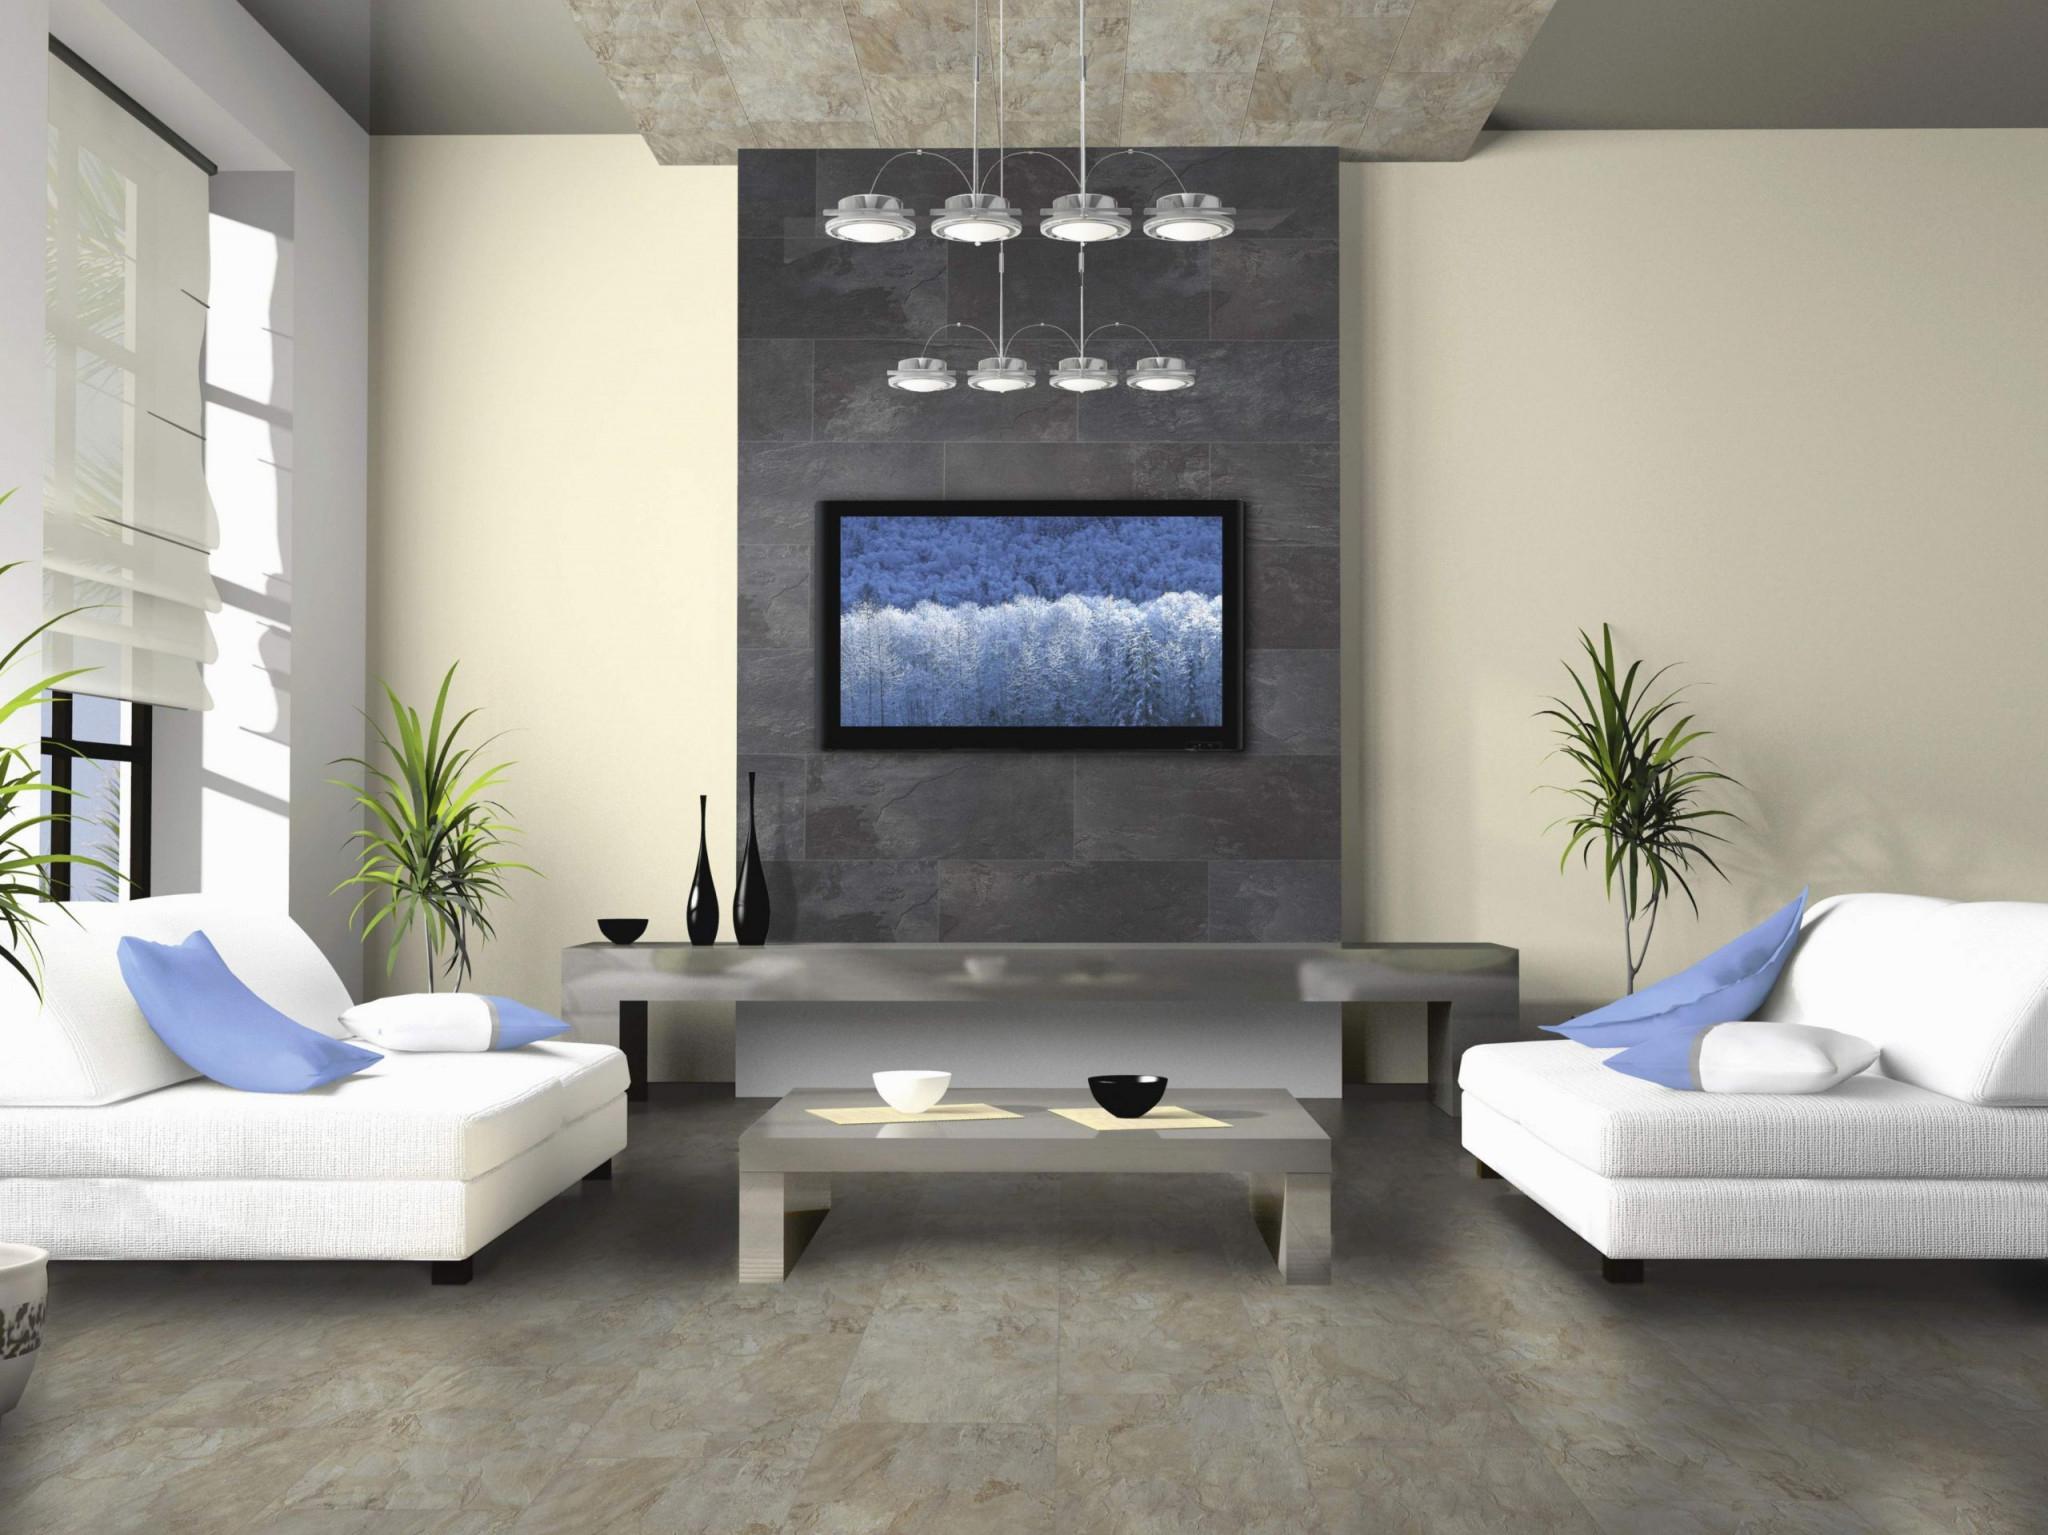 35 Luxus Dekoideen Wohnzimmer Wand Schön  Wohnzimmer Frisch von Deko Ideen Wand Wohnzimmer Bild